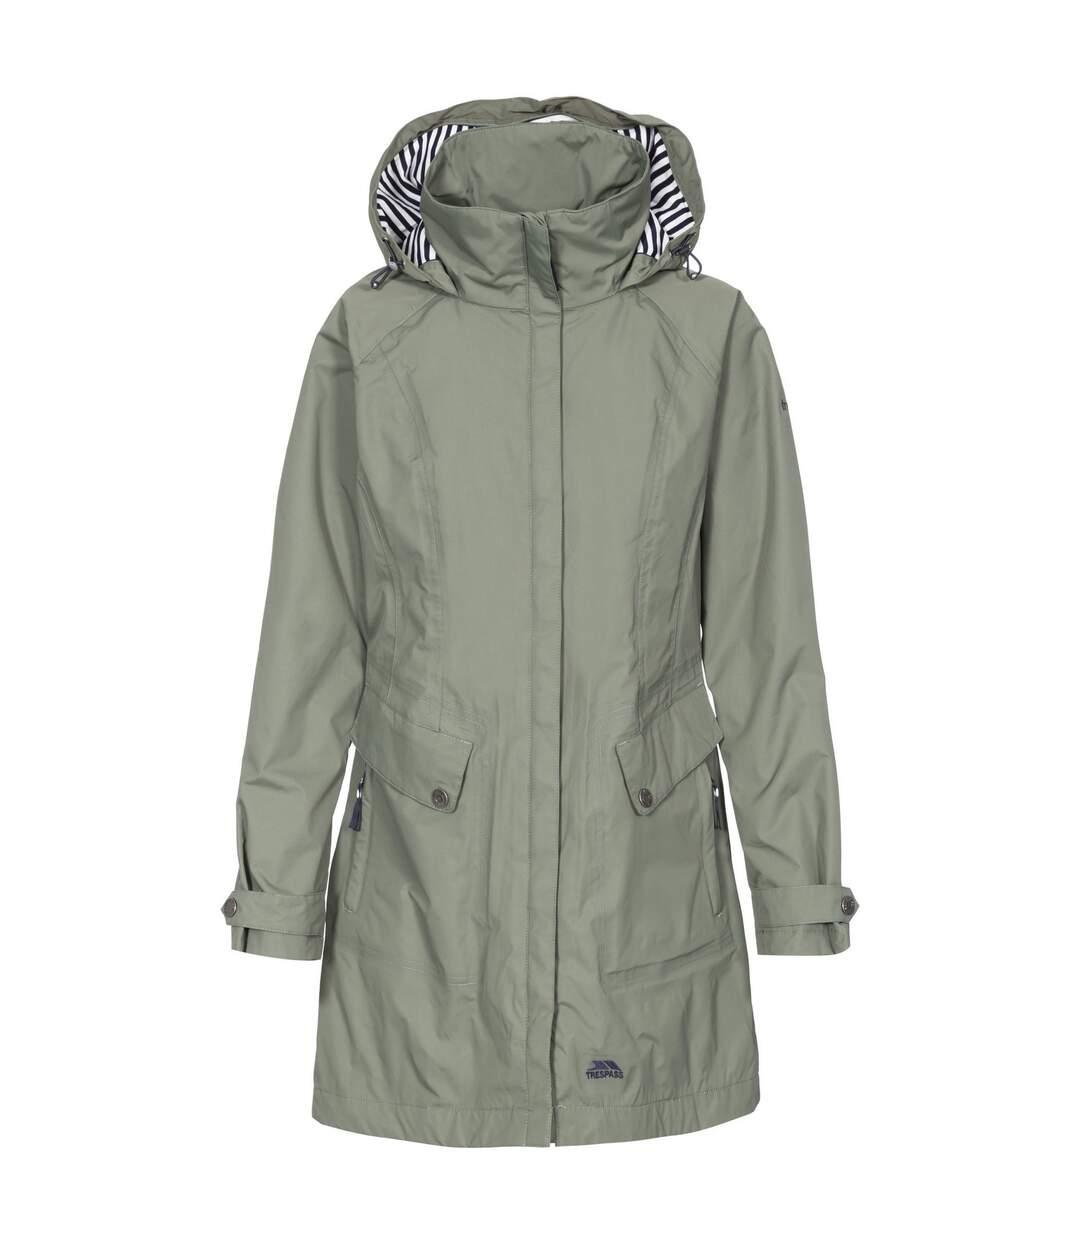 Trespass Womens/Ladies Rainy Day Waterproof Jacket (Red) - UTTP3613